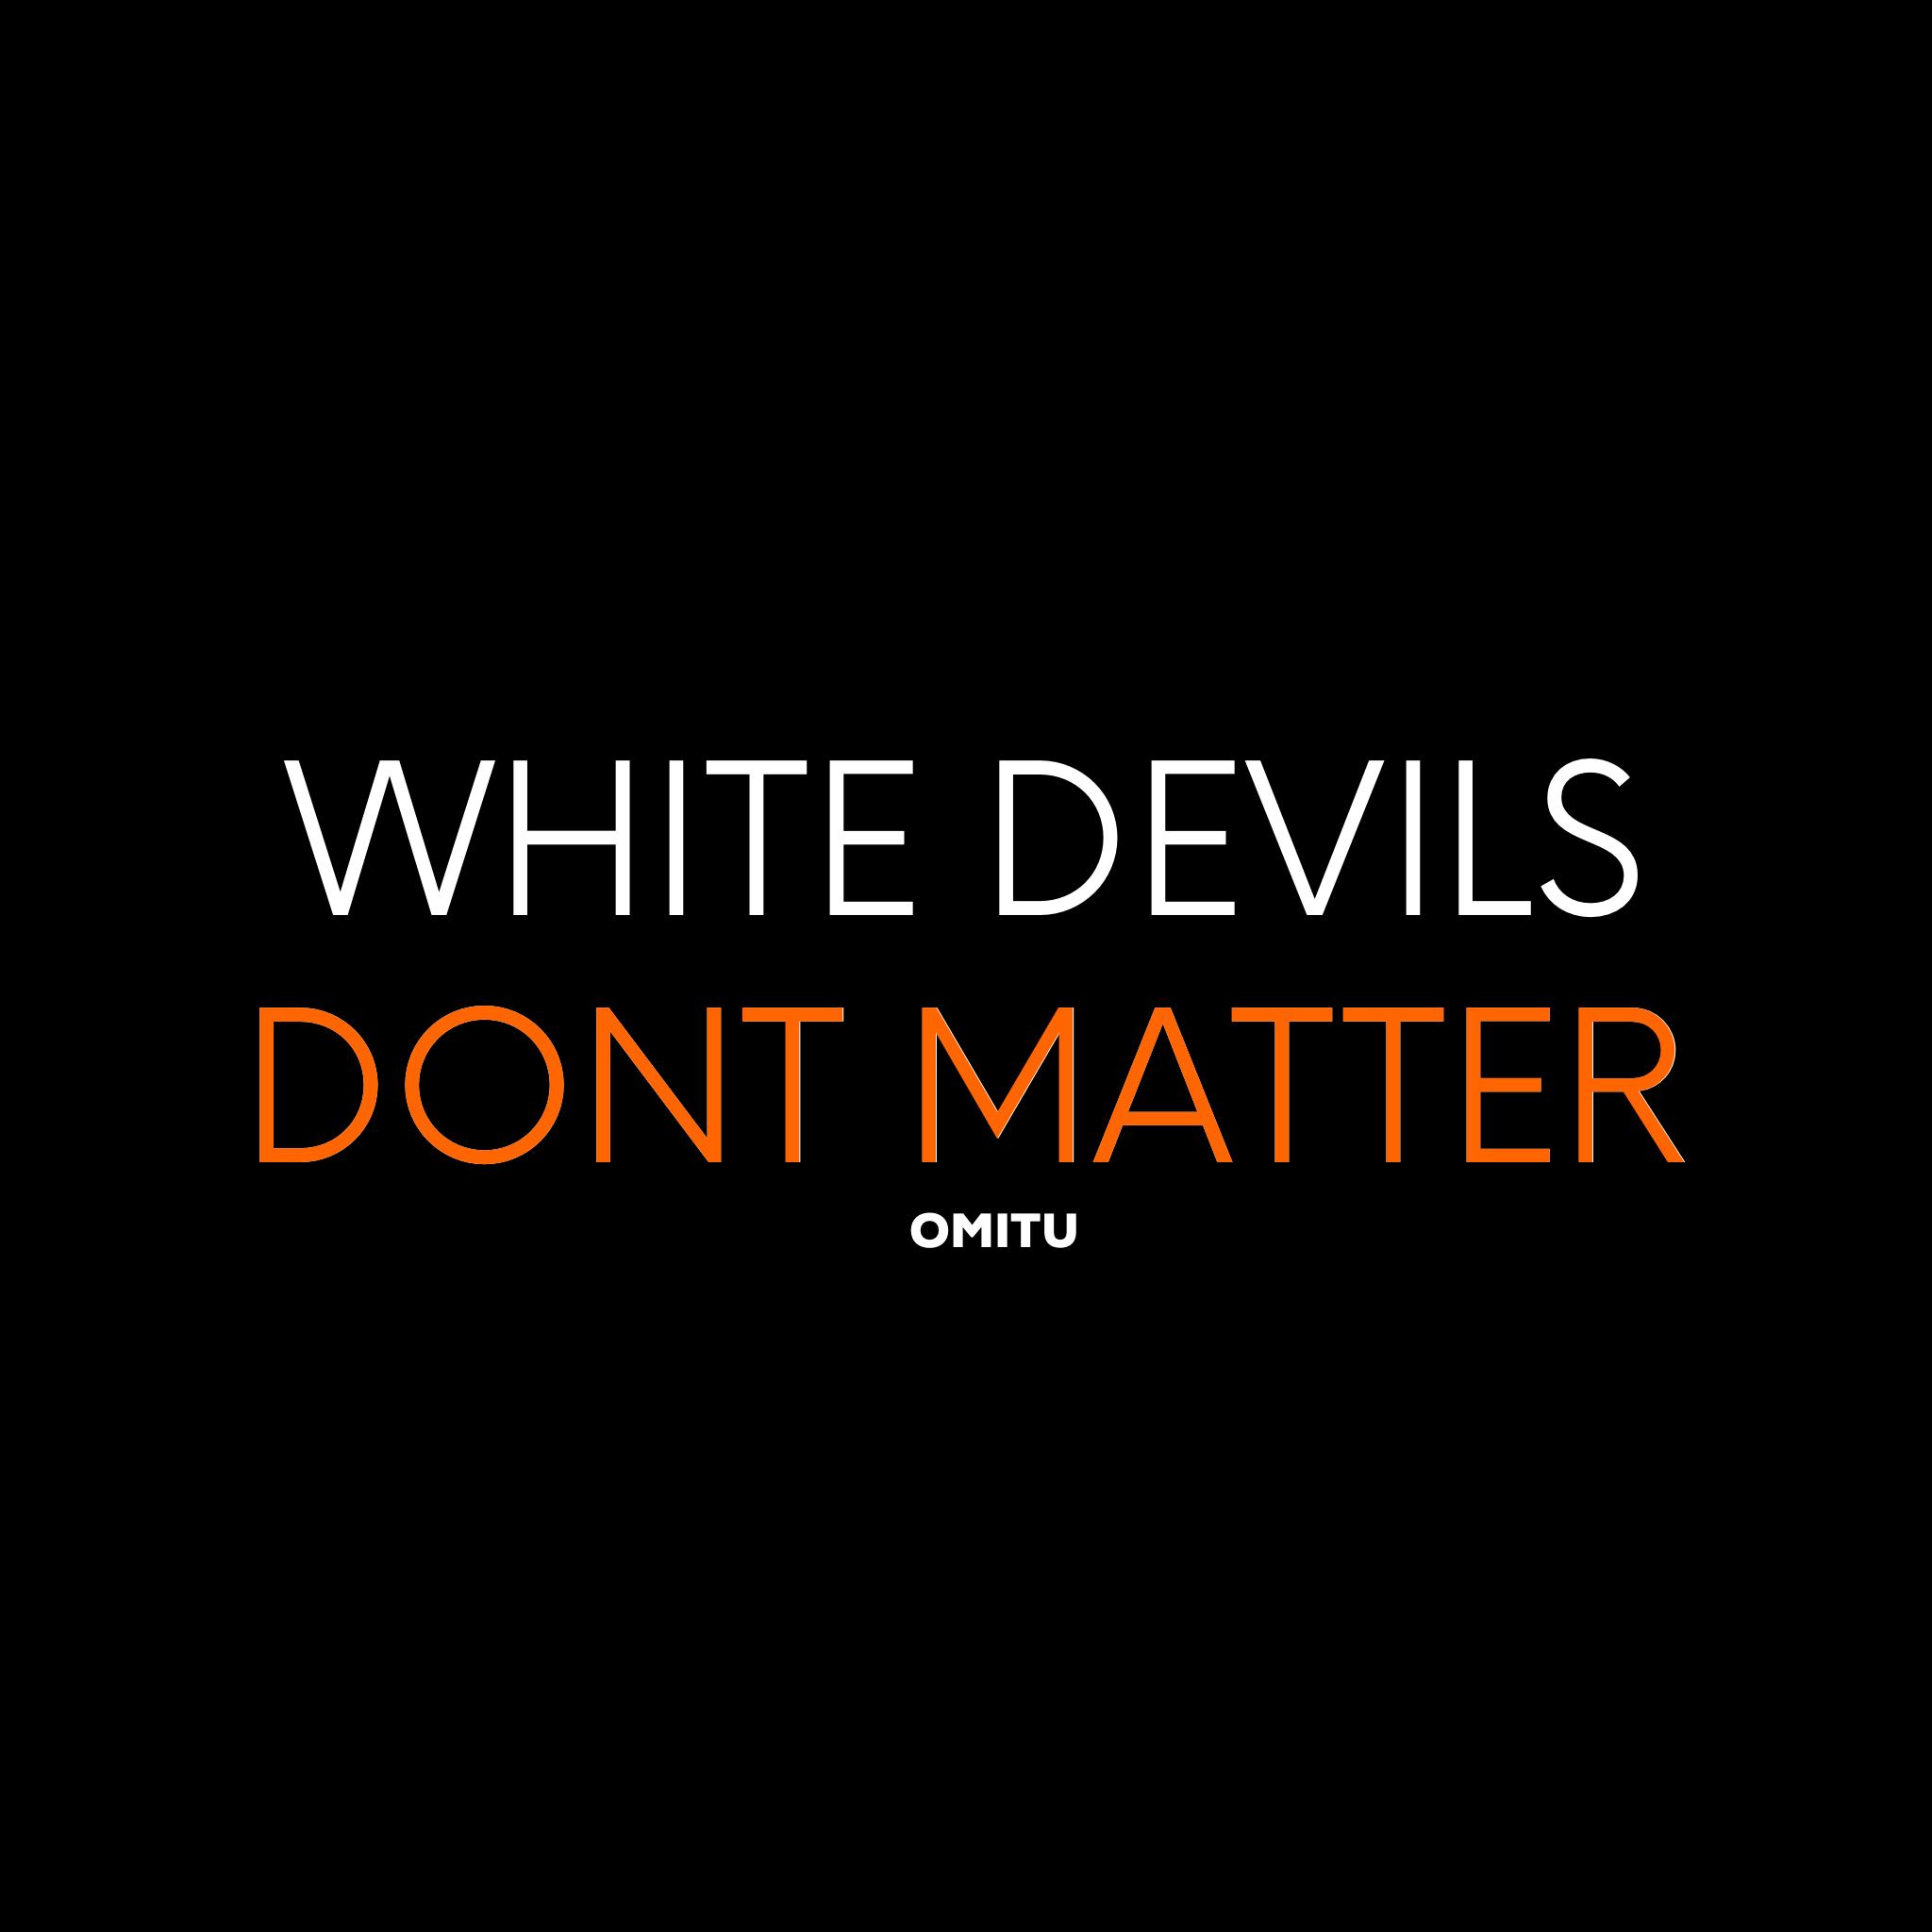 @Basheermusic White Devil Lives Dont Matter T Link Thumbnail | Linktree